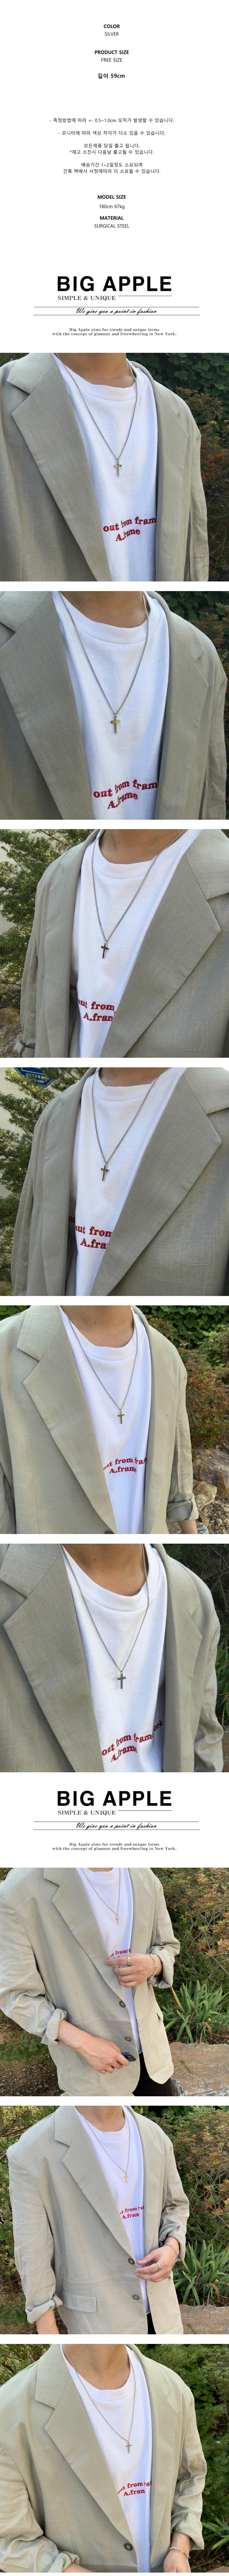 남자 십자가 펜던트 목걸이 얇은 학생 Bcha - 빅애플, 21,900원, 남성주얼리, 목걸이